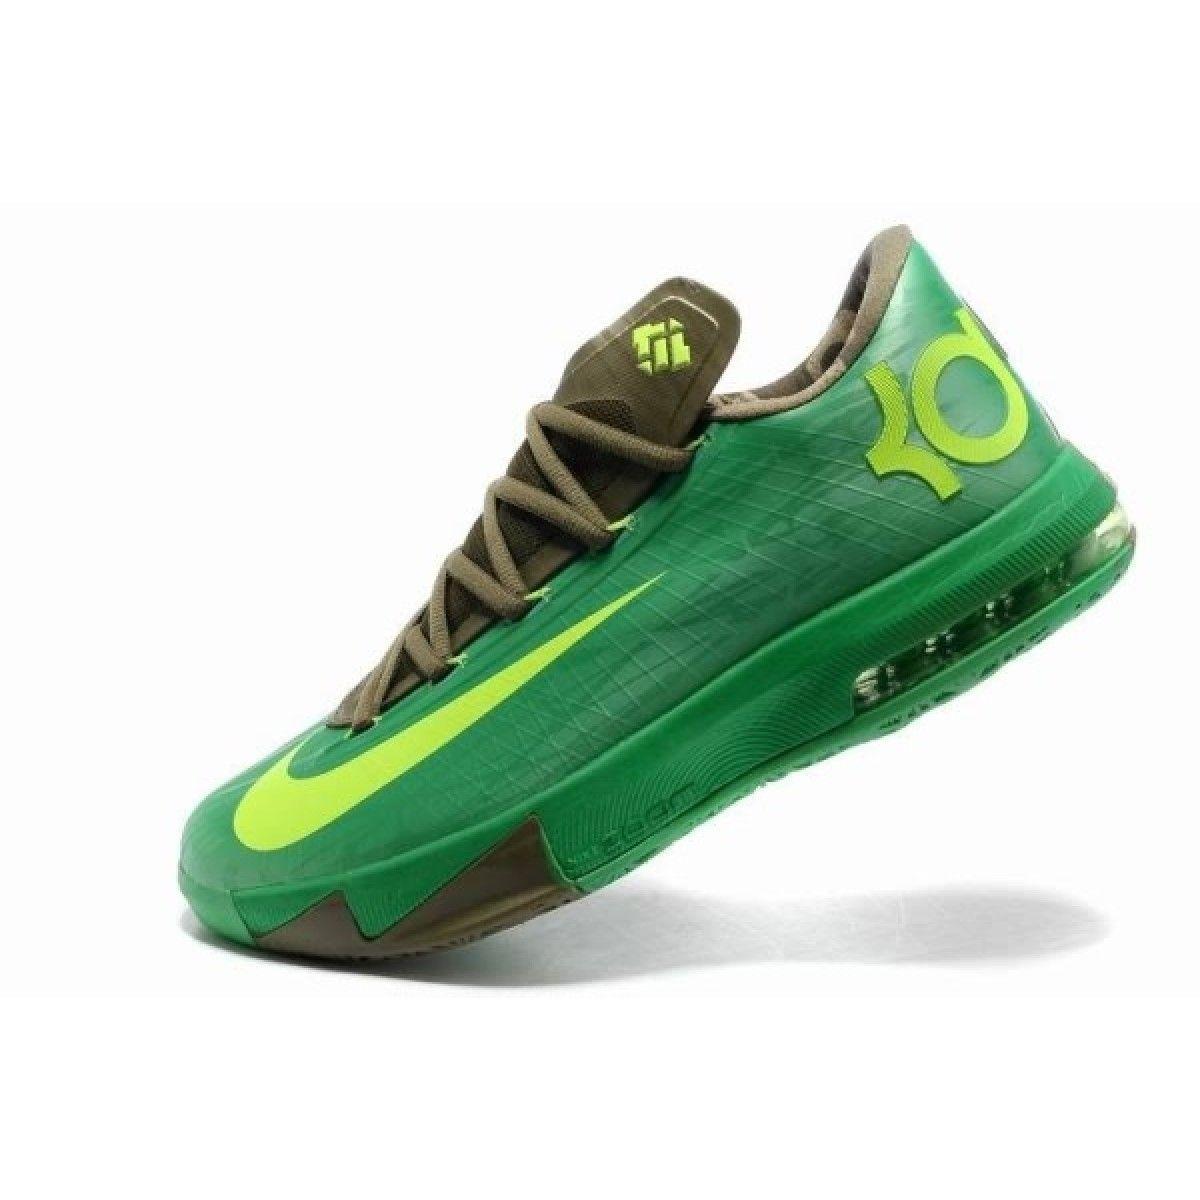 e96c23f5e26c kd low top basketball shoes